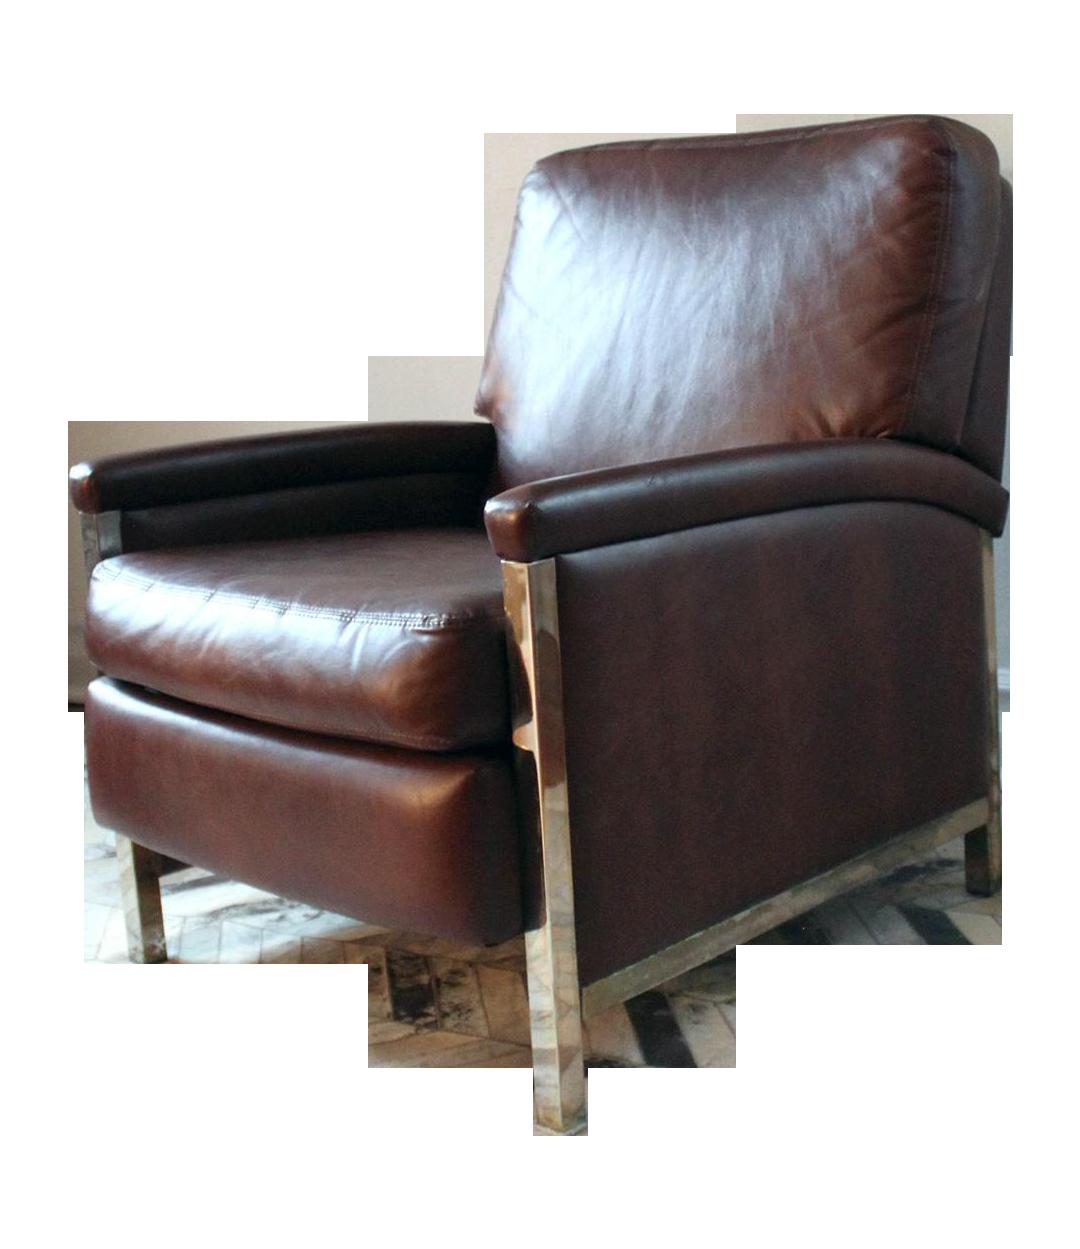 Vintage barcalounger recliner chairish for Barcalounger